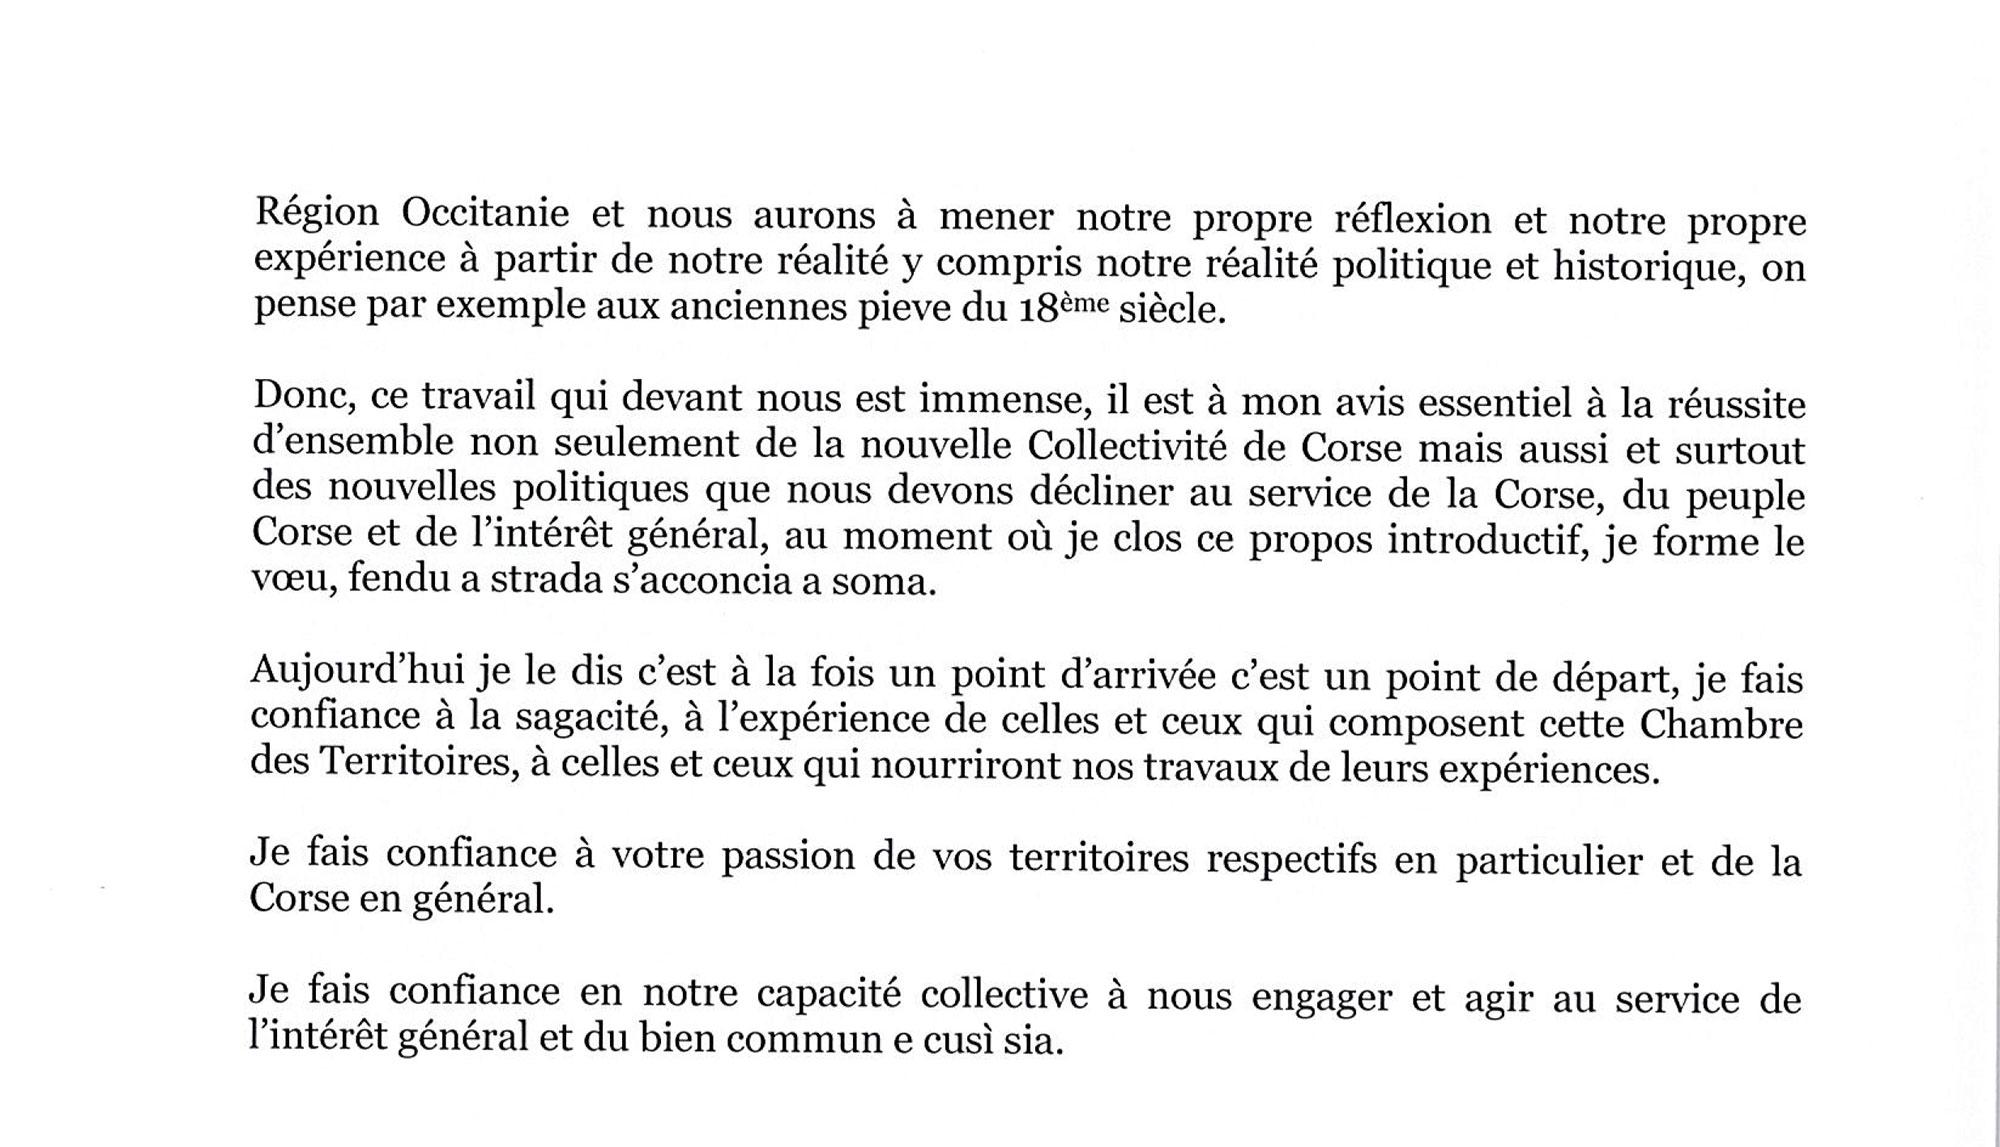 Séance d'installation de la Chambre des Territoires : discours d'ouverture du Président, Gilles Simeoni